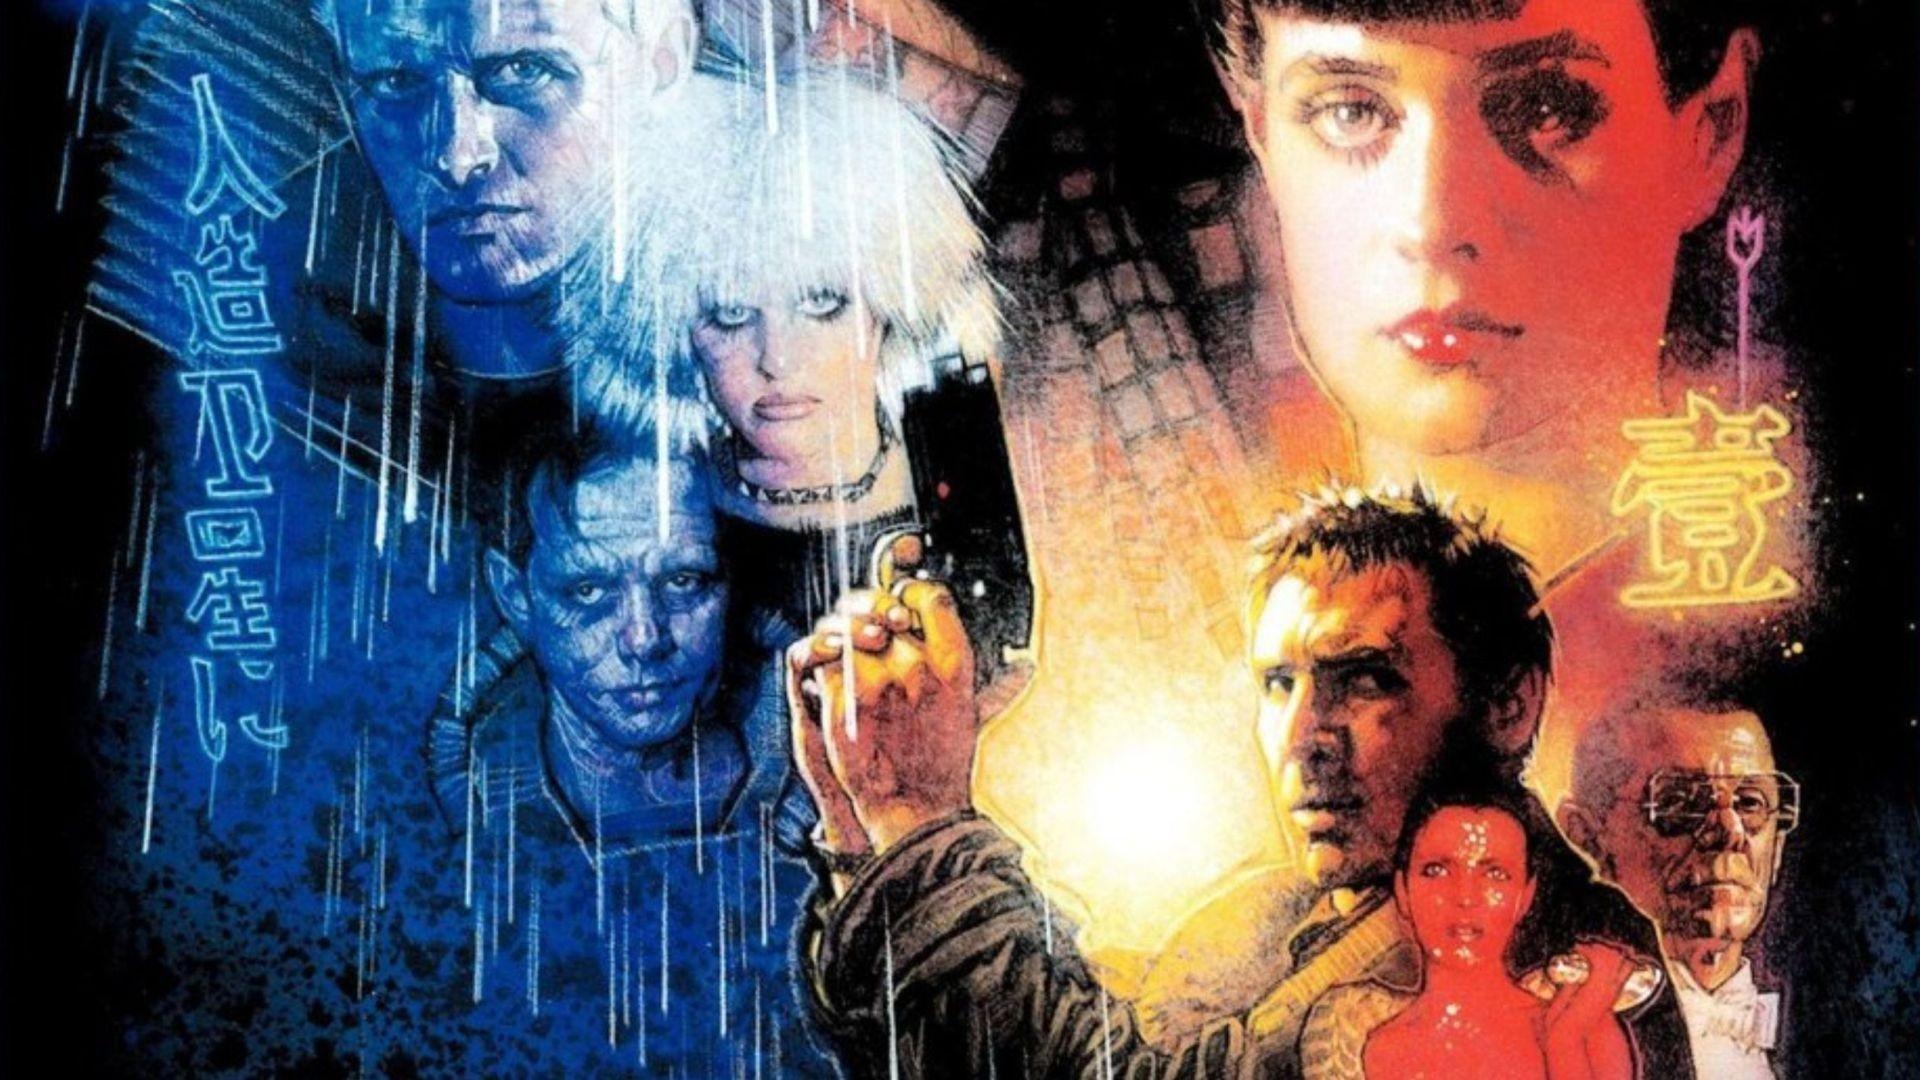 Blade Runner in Concert